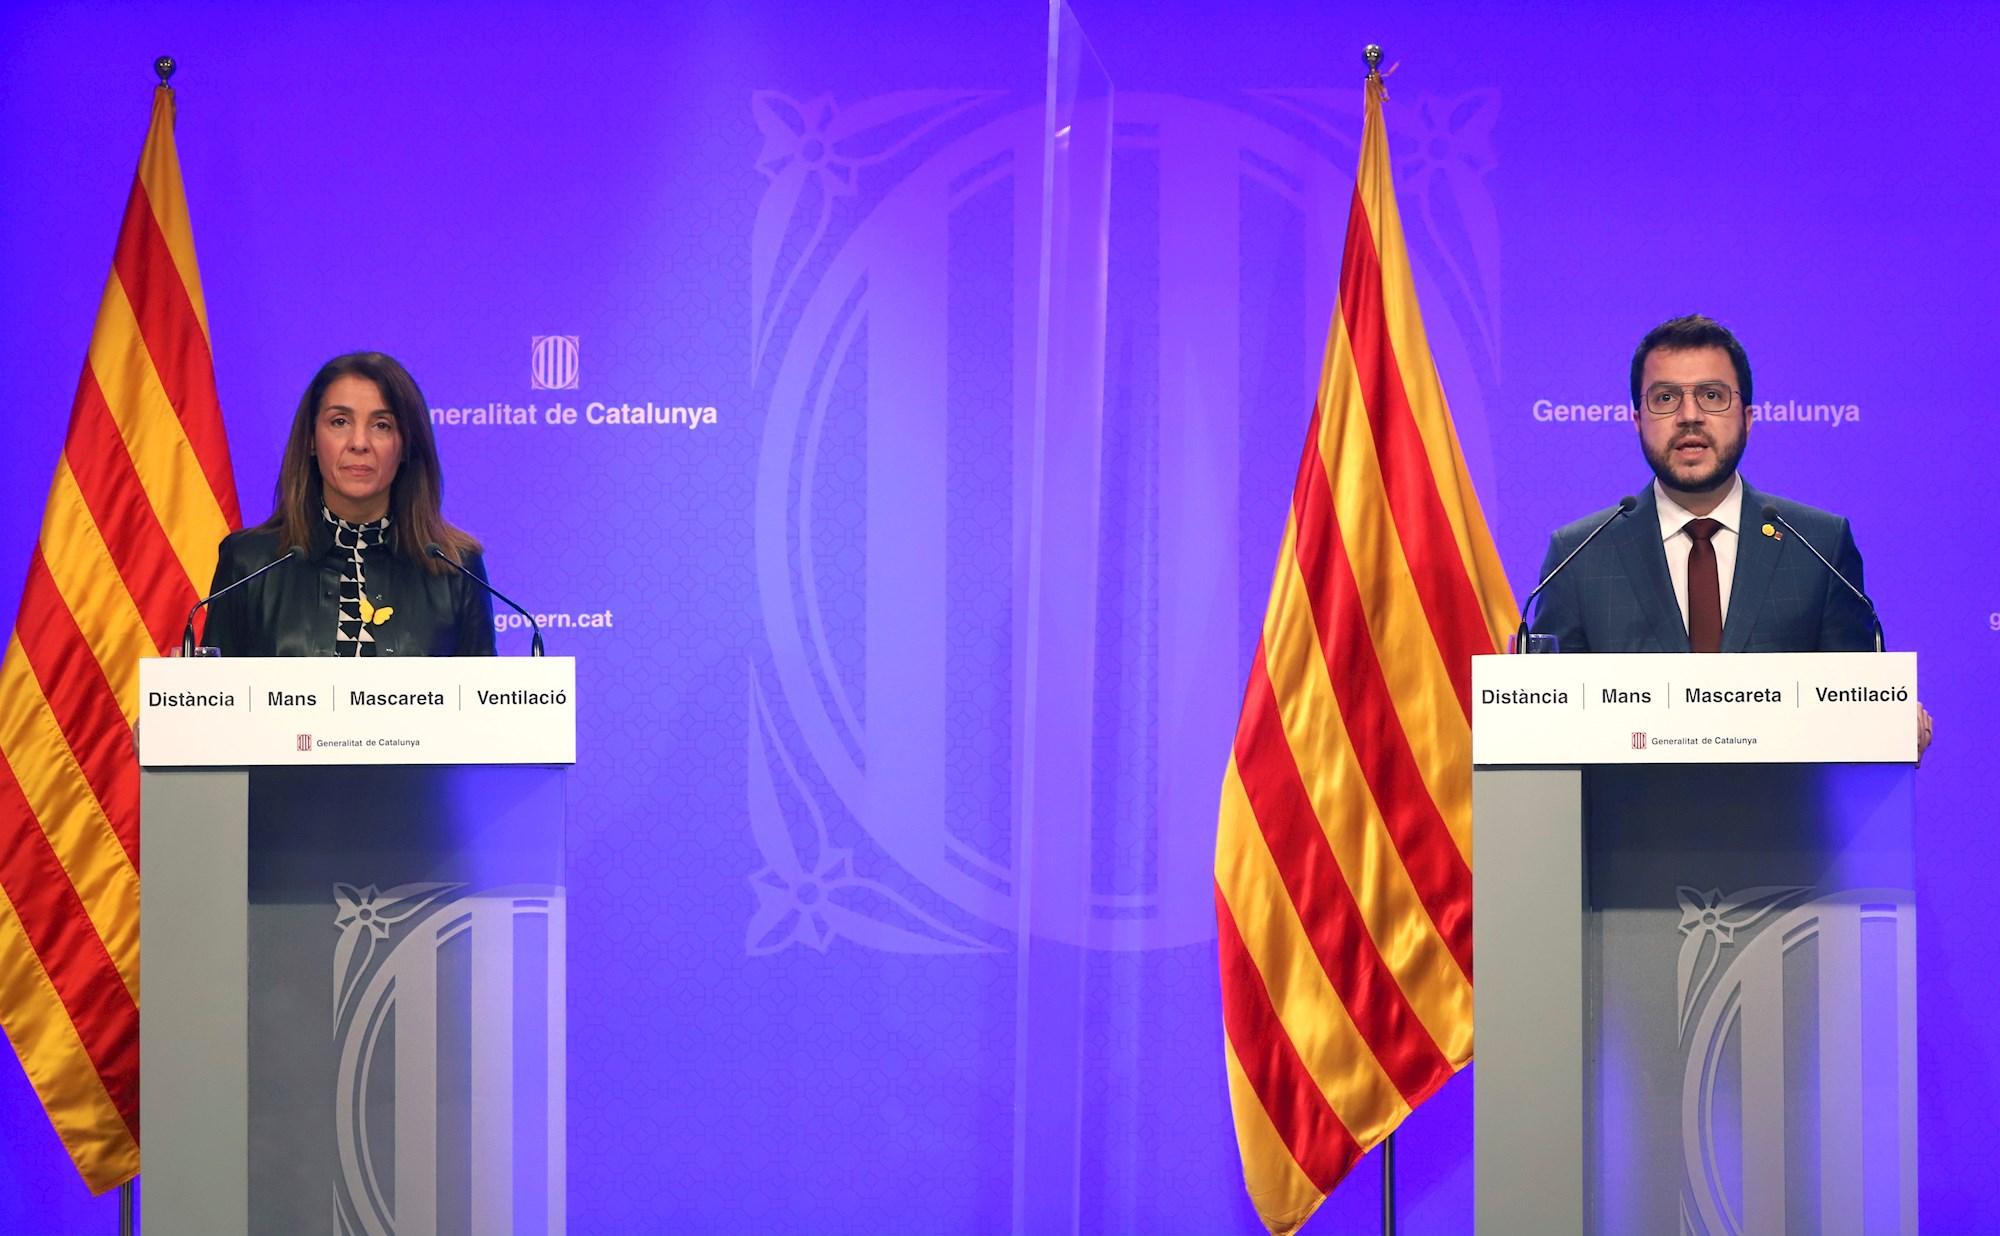 La portavoz y consejera de Presidencia del Govern, Meritxell Budó (JxCat), y el vicepresidente en funciones de presidente, Pere Aragonès (ERC), al anunciar el retraso electoral, el 15 de enero de 2021 en Barcelona | EFE/Generalitat/RM